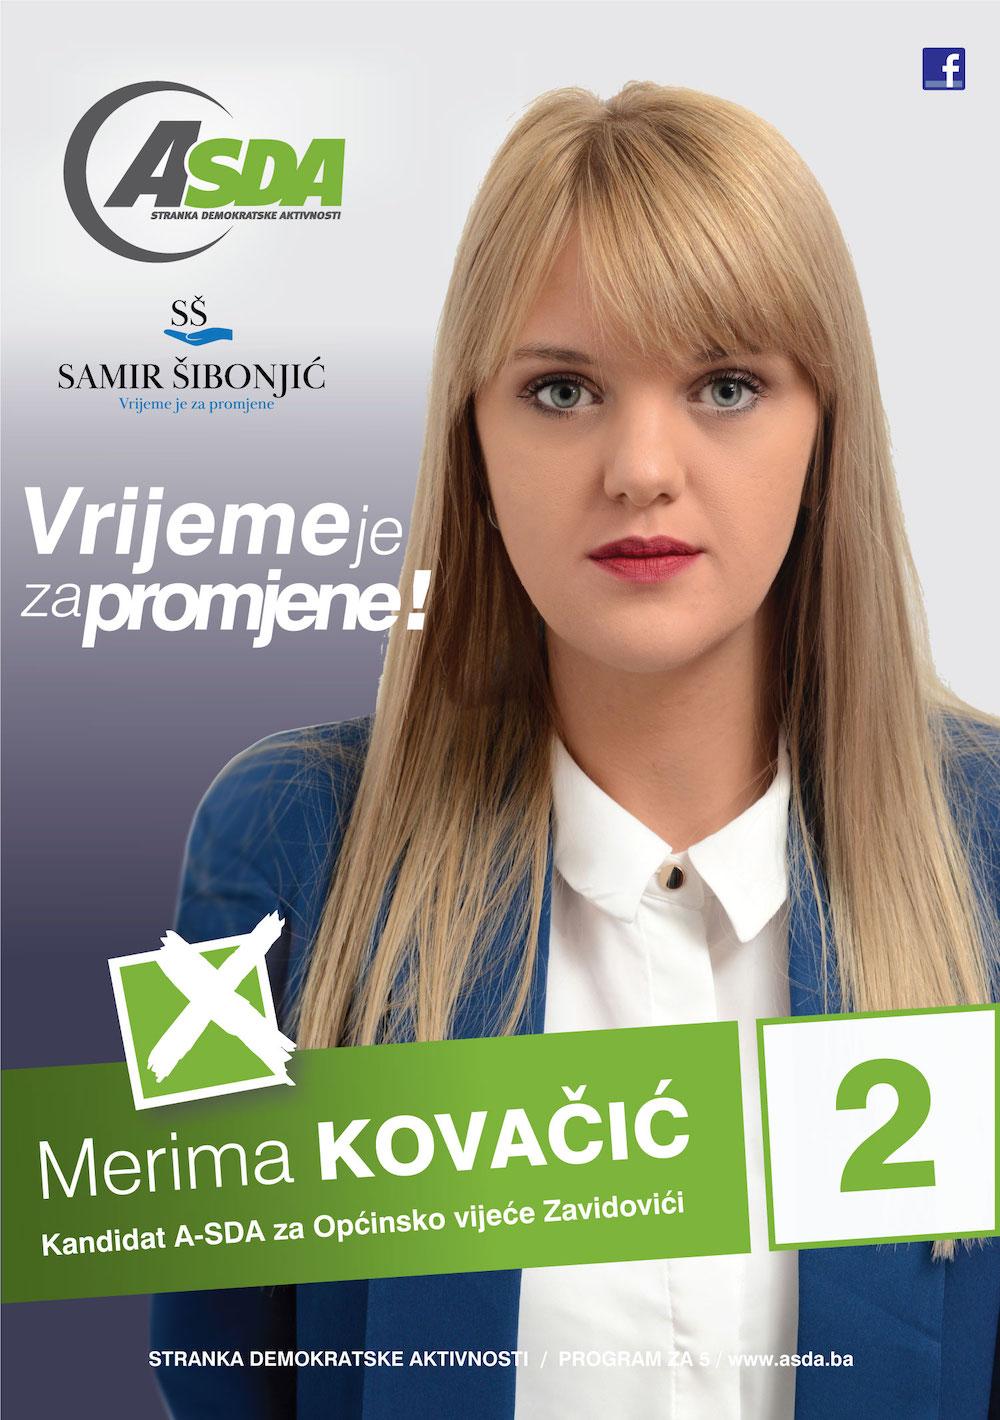 Merima Kovačić